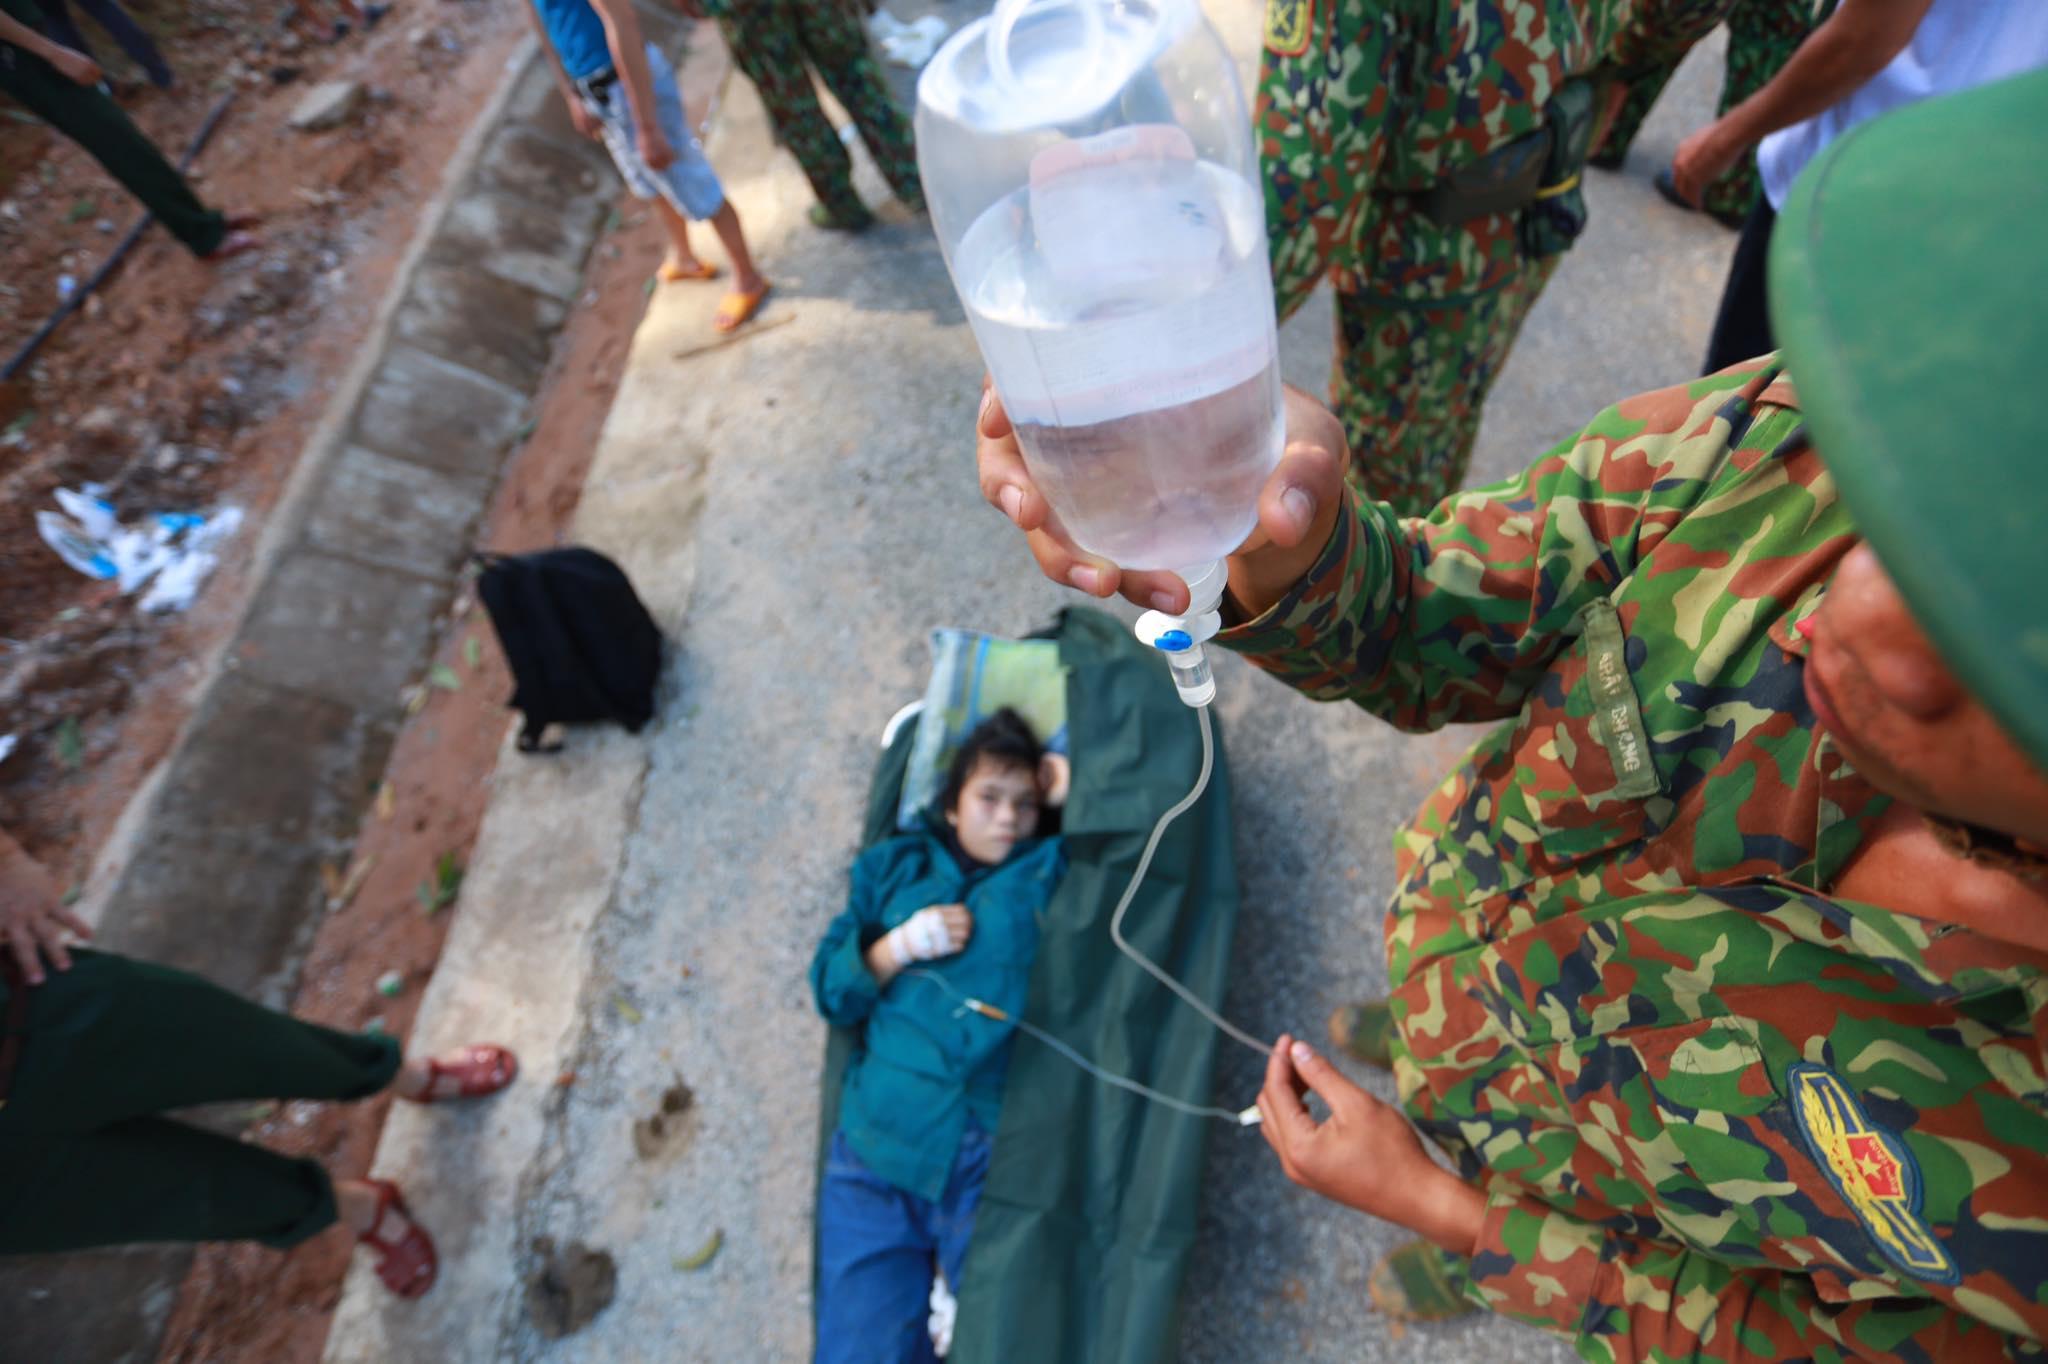 Ảnh cập nhật nóng từ hiện trường ở Trà Leng: 33 nạn nhân được đưa ra Quốc lộ bằng võng để cứu hộ y tế - Ảnh 7.